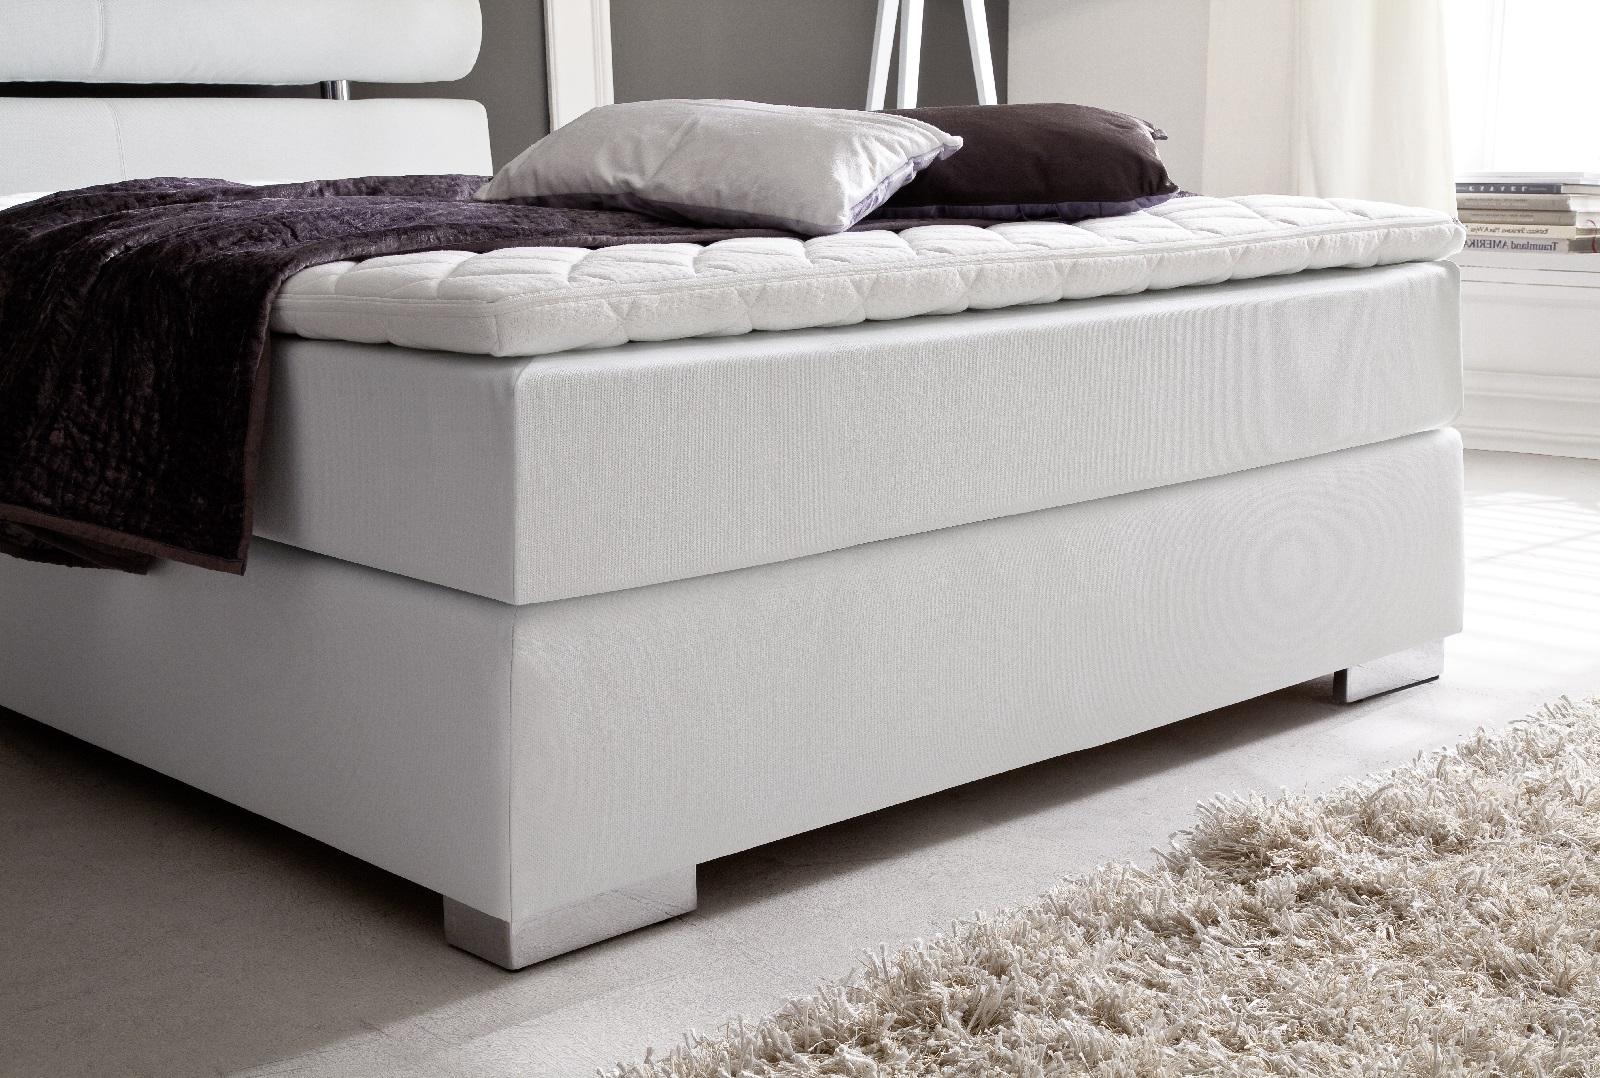 Bemerkenswert Boxspringbett 140x200 Weiß Ideen Von Onella 140 X 200 Cm Leder Optik